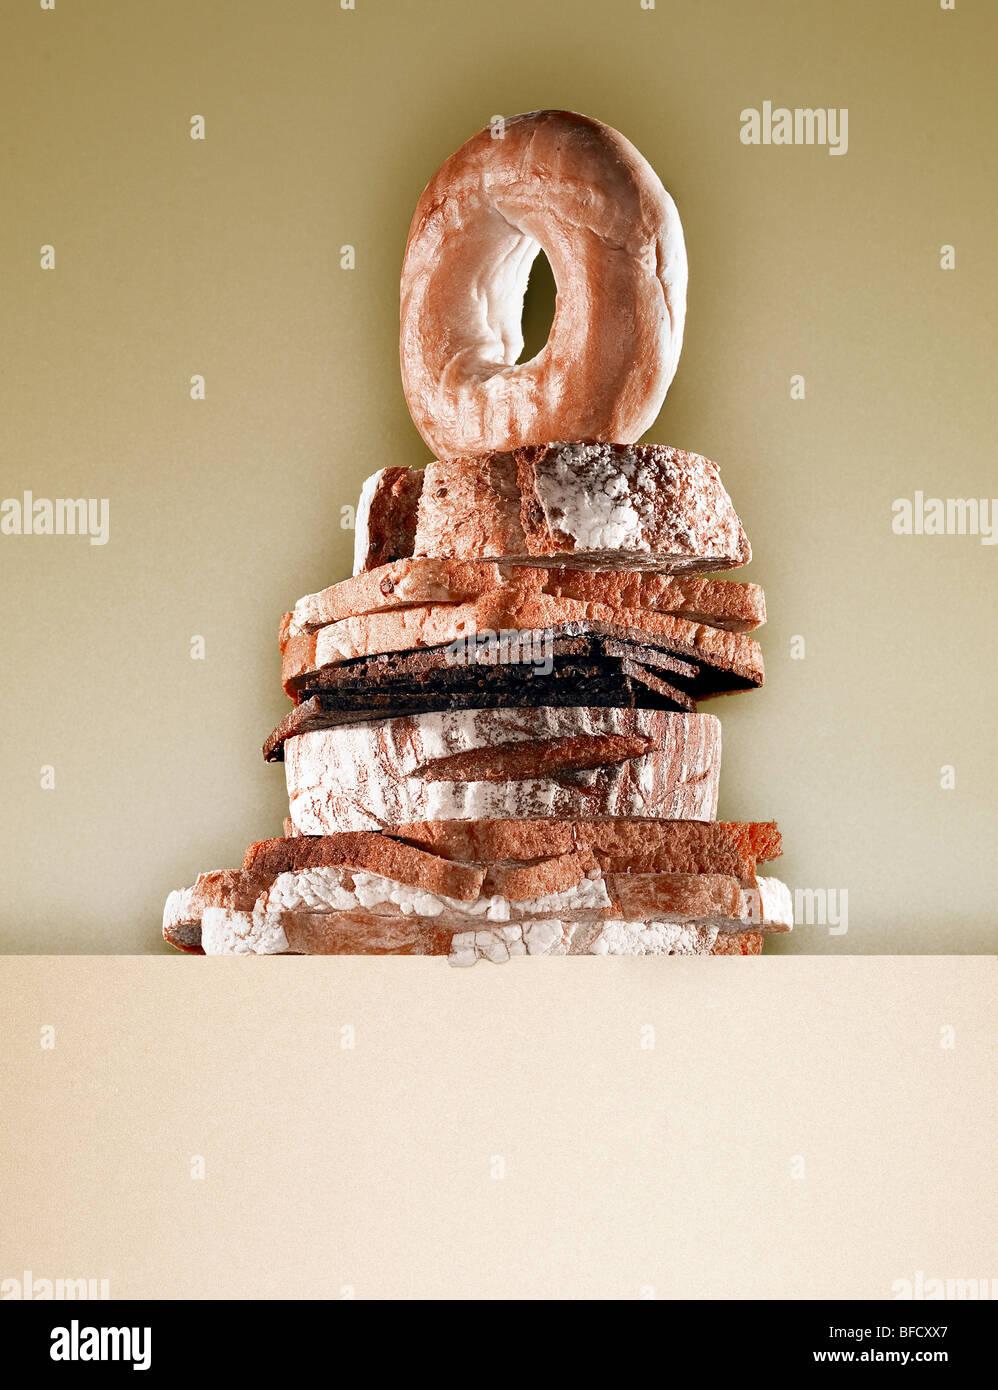 Pane, sette diversi tipi di sano del pane usato per la realizzazione di sandwich. Immagini Stock